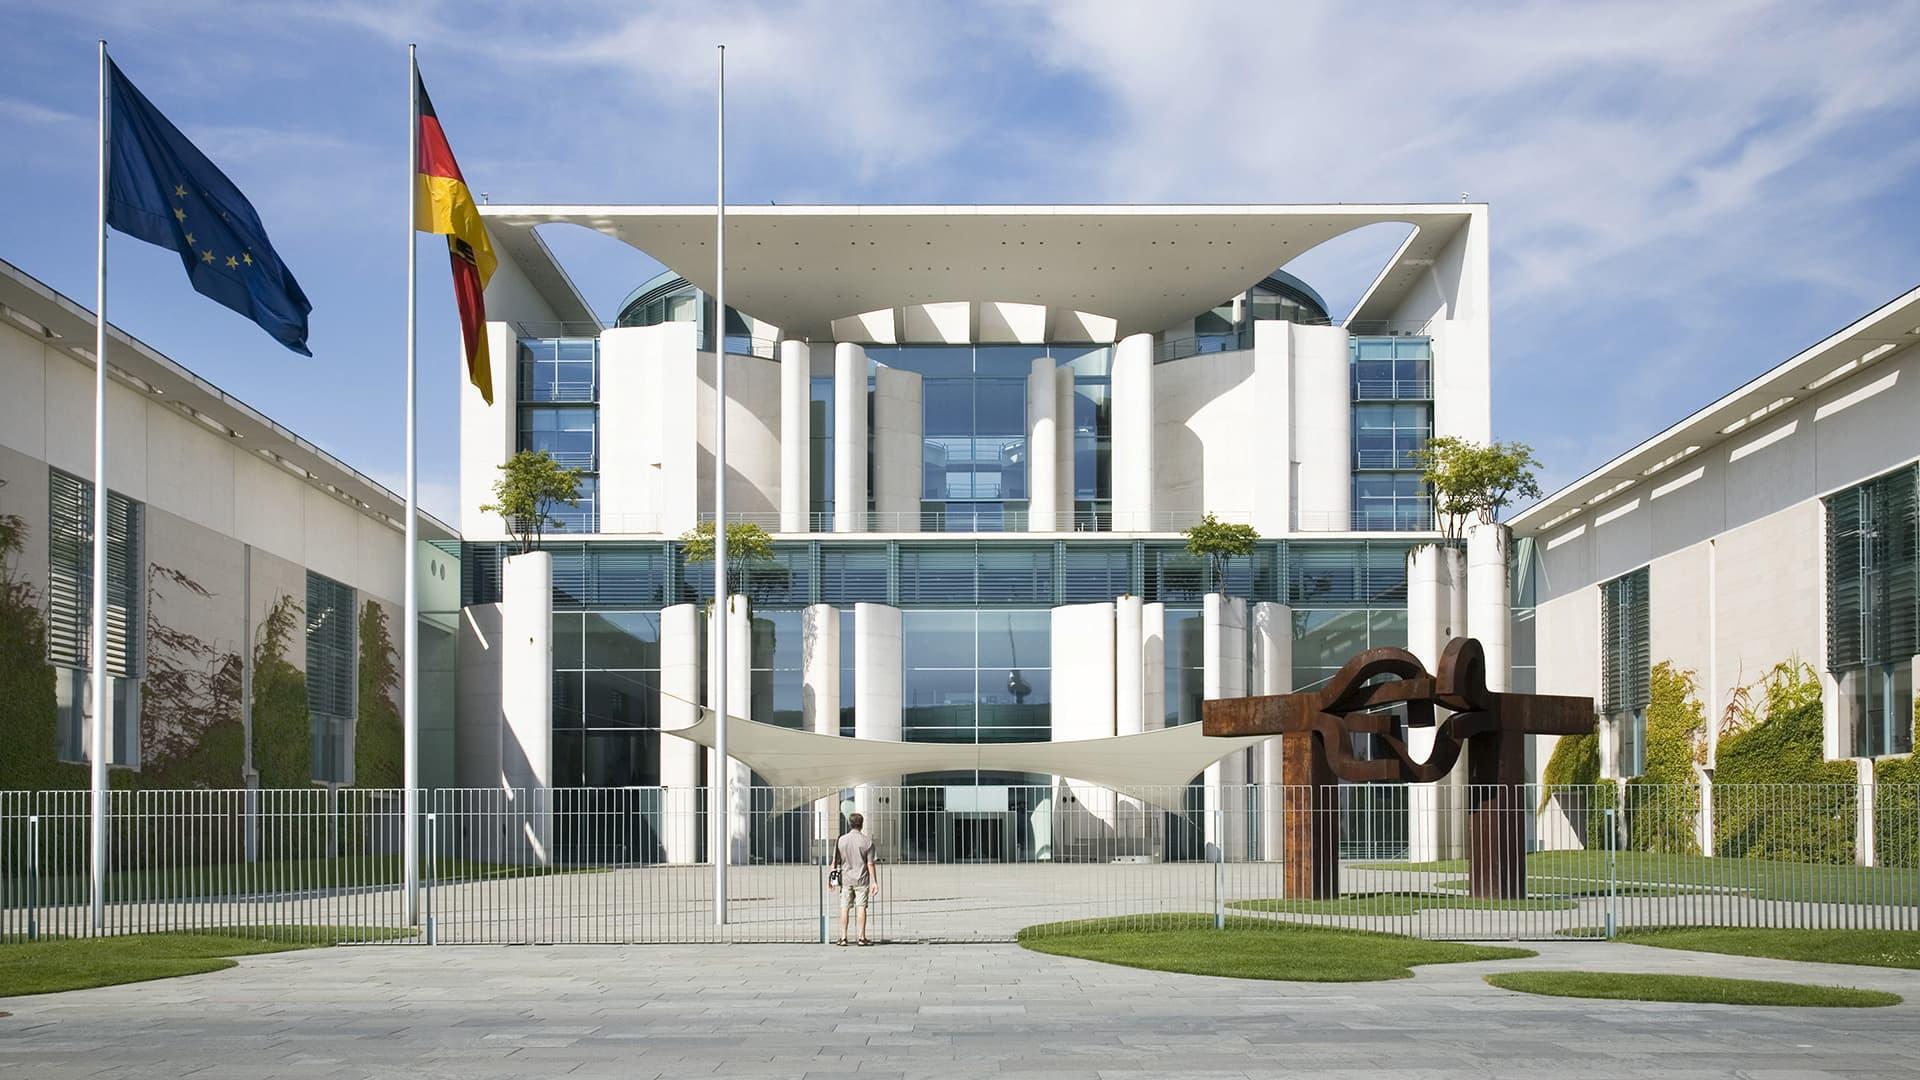 Marin ja Merkel tapaavat - vastaanottoseremonia Berliinissä